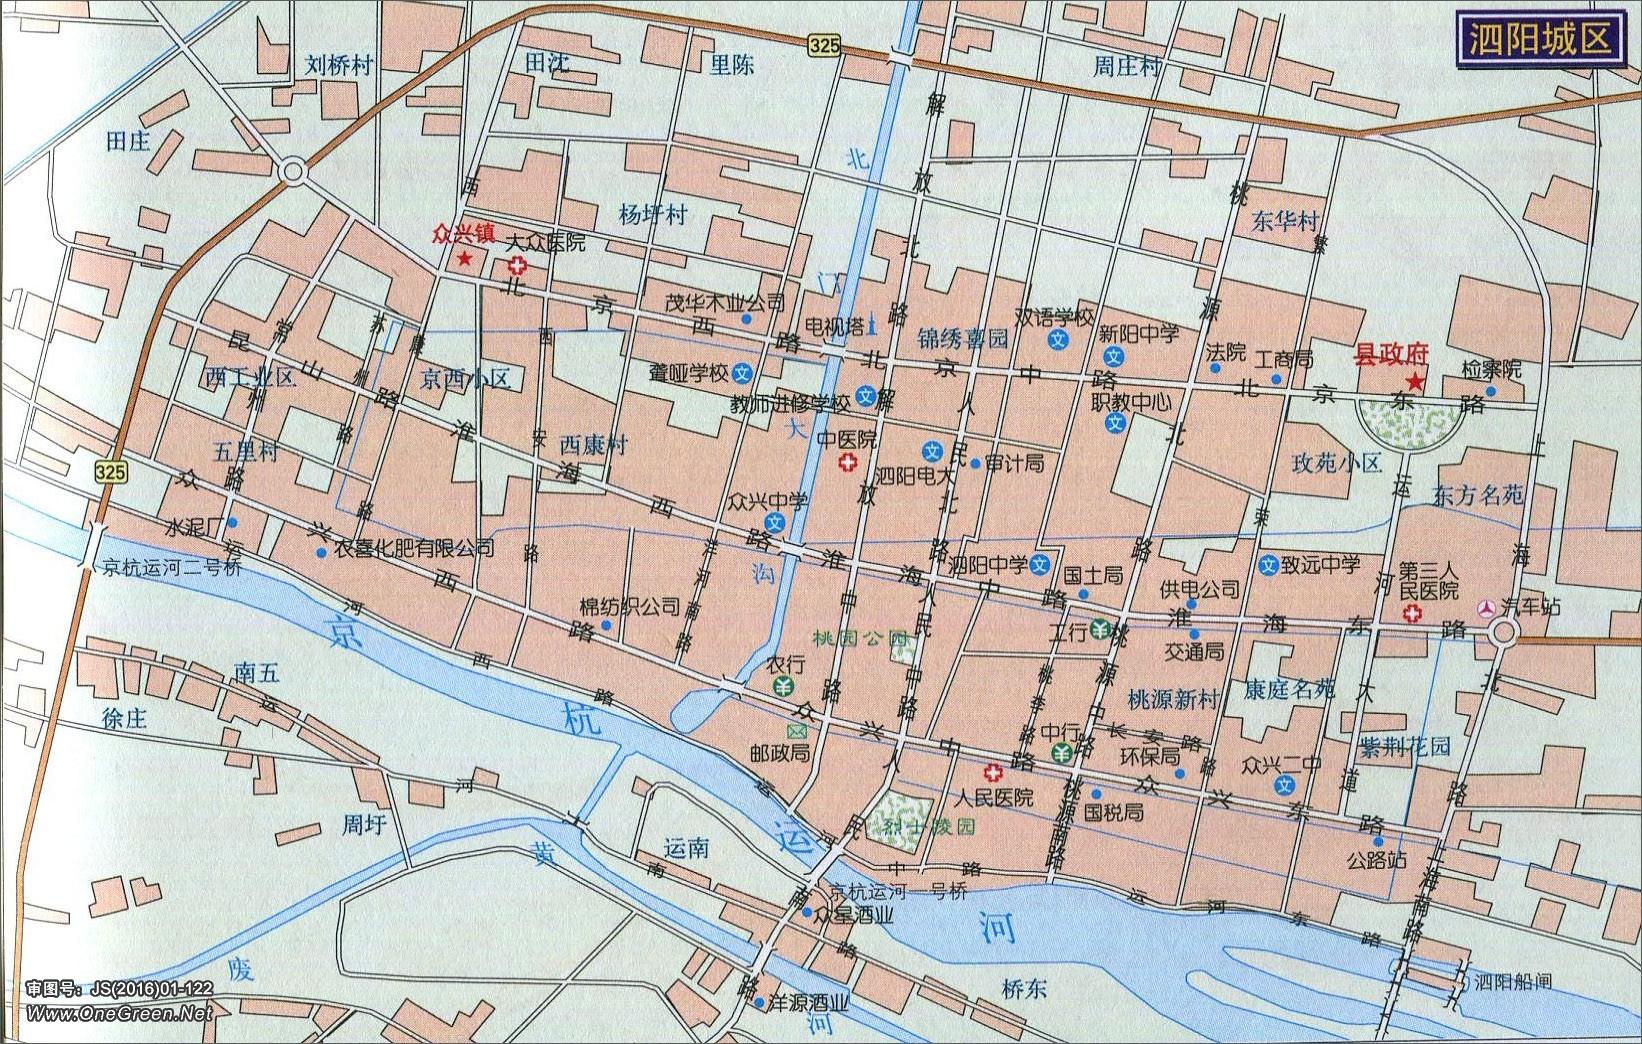 淮安青岛路地图